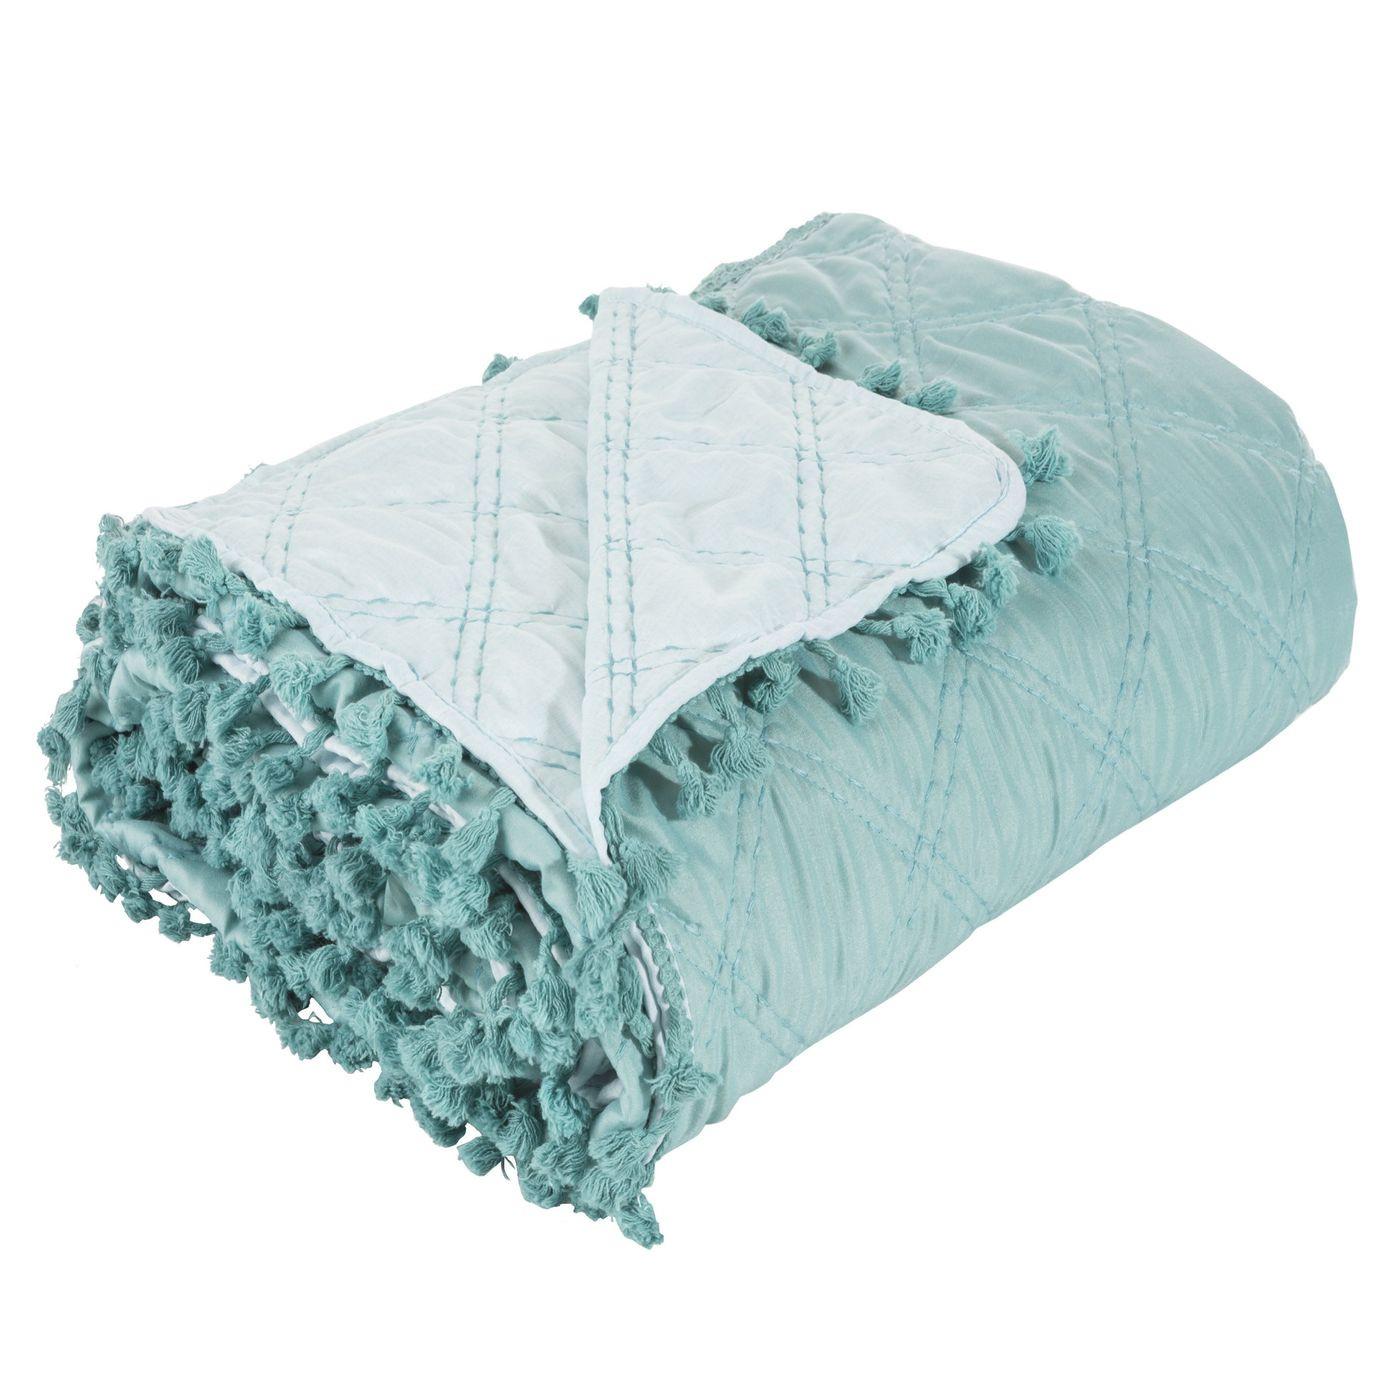 Narzuta na łóżko przeszywana dwustronna 170x210 cm miętowo-srebrna